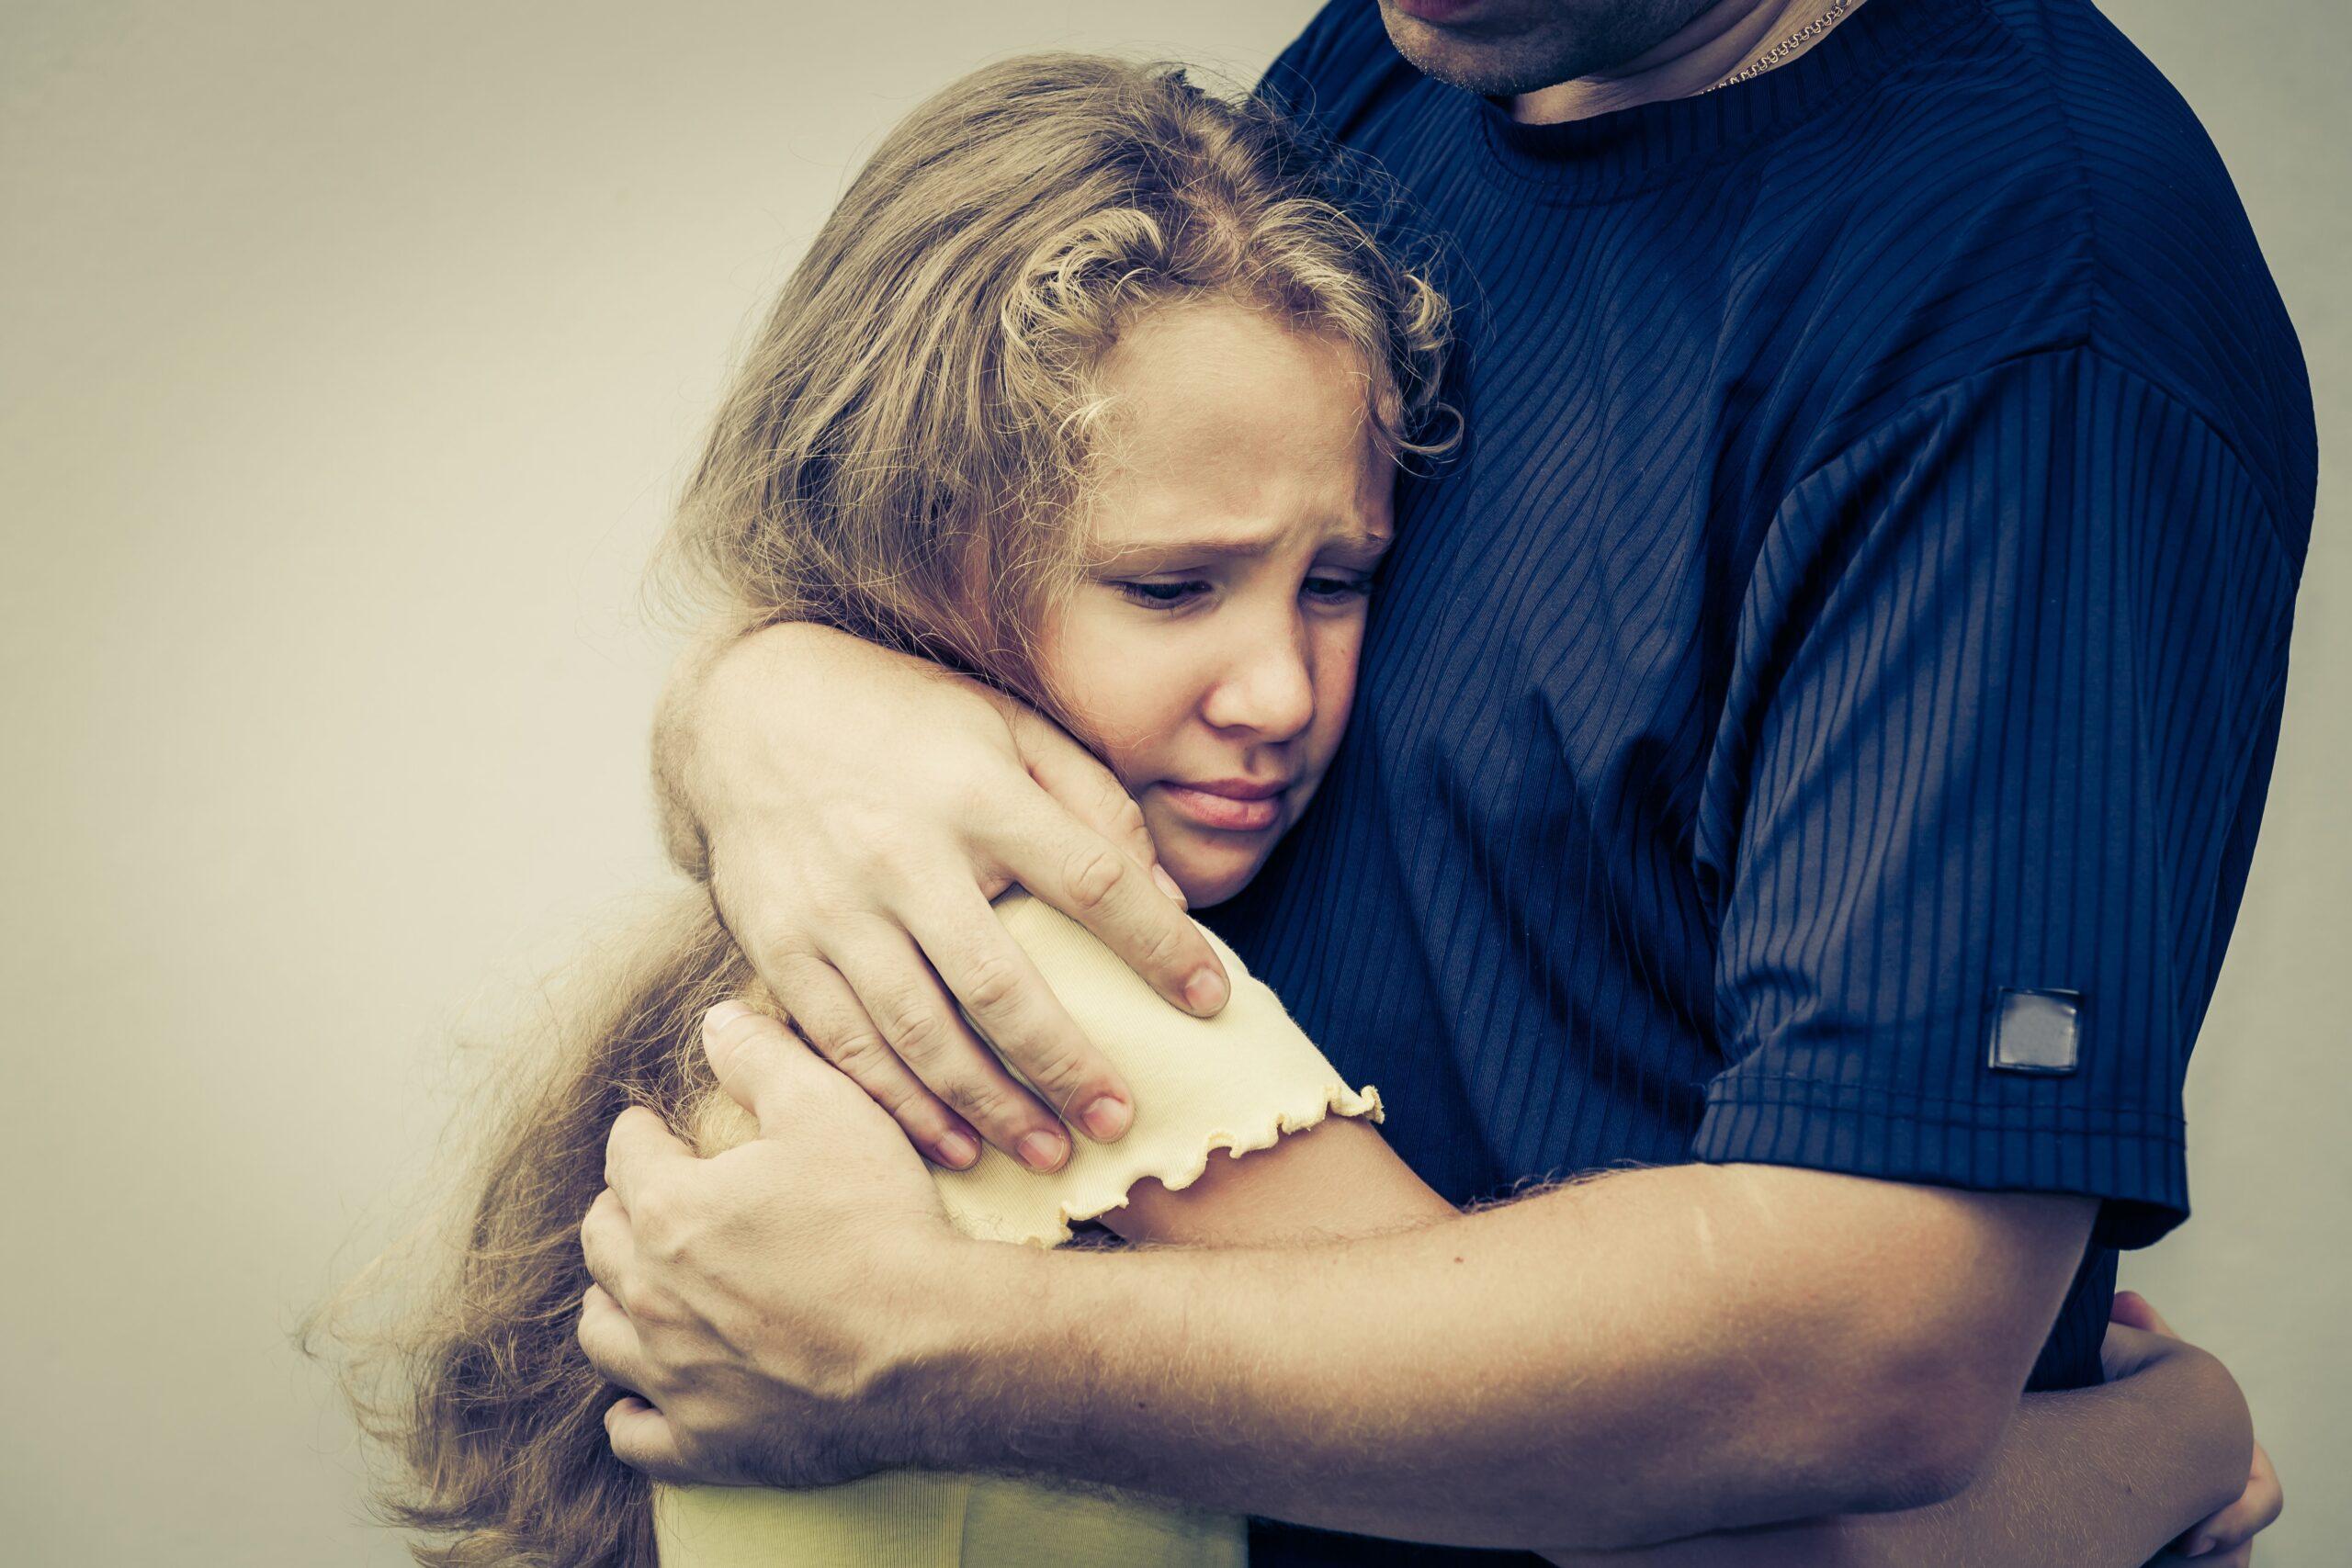 photo d'une enfant dans les bras d'un adulte, cherchant du soutien